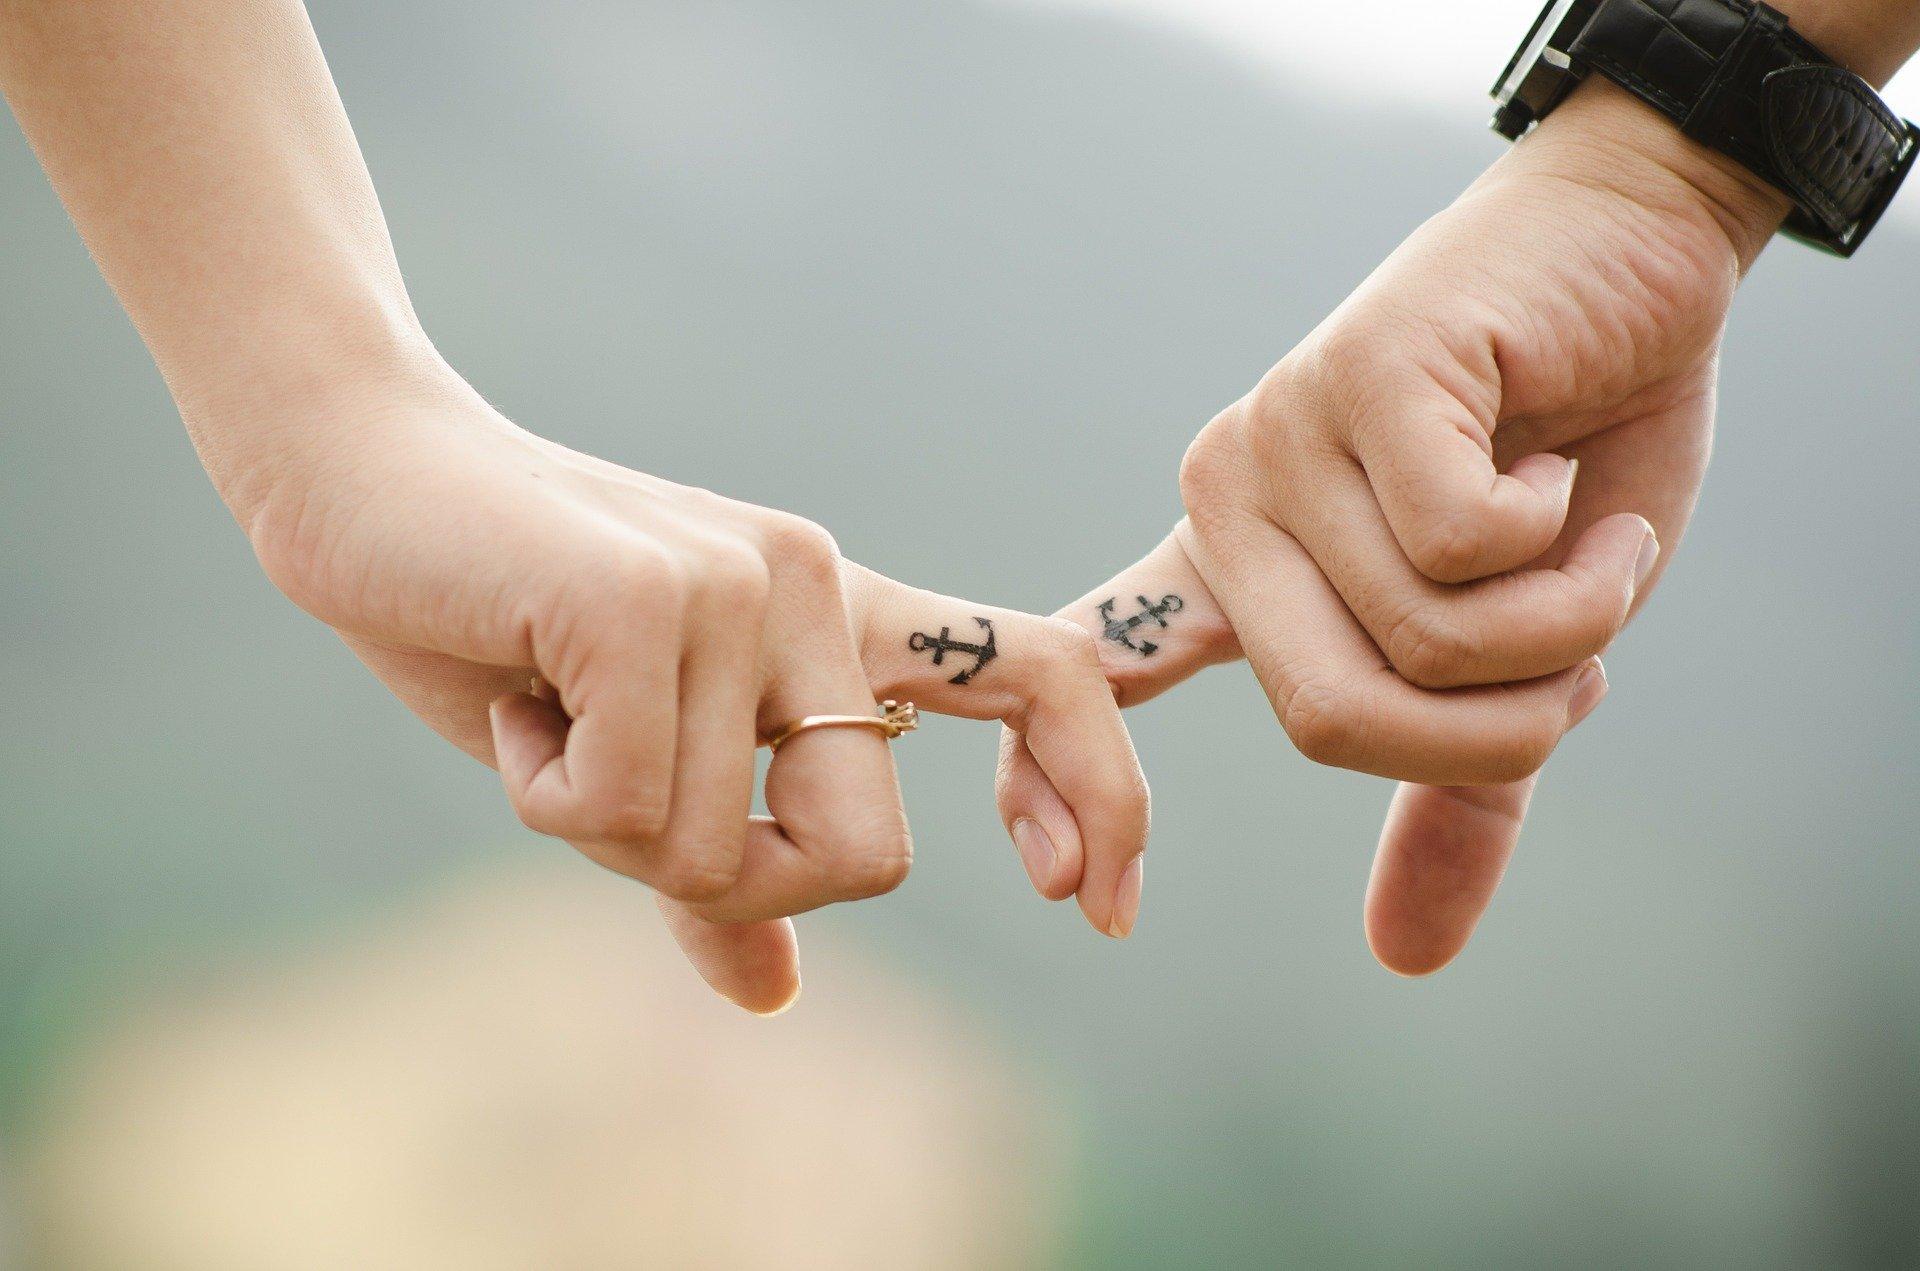 Létezik-e az örökké tartó boldog párkapcsolat? És, ha igen, akkor mi kell ahhoz, hogy ez így is maradjon?